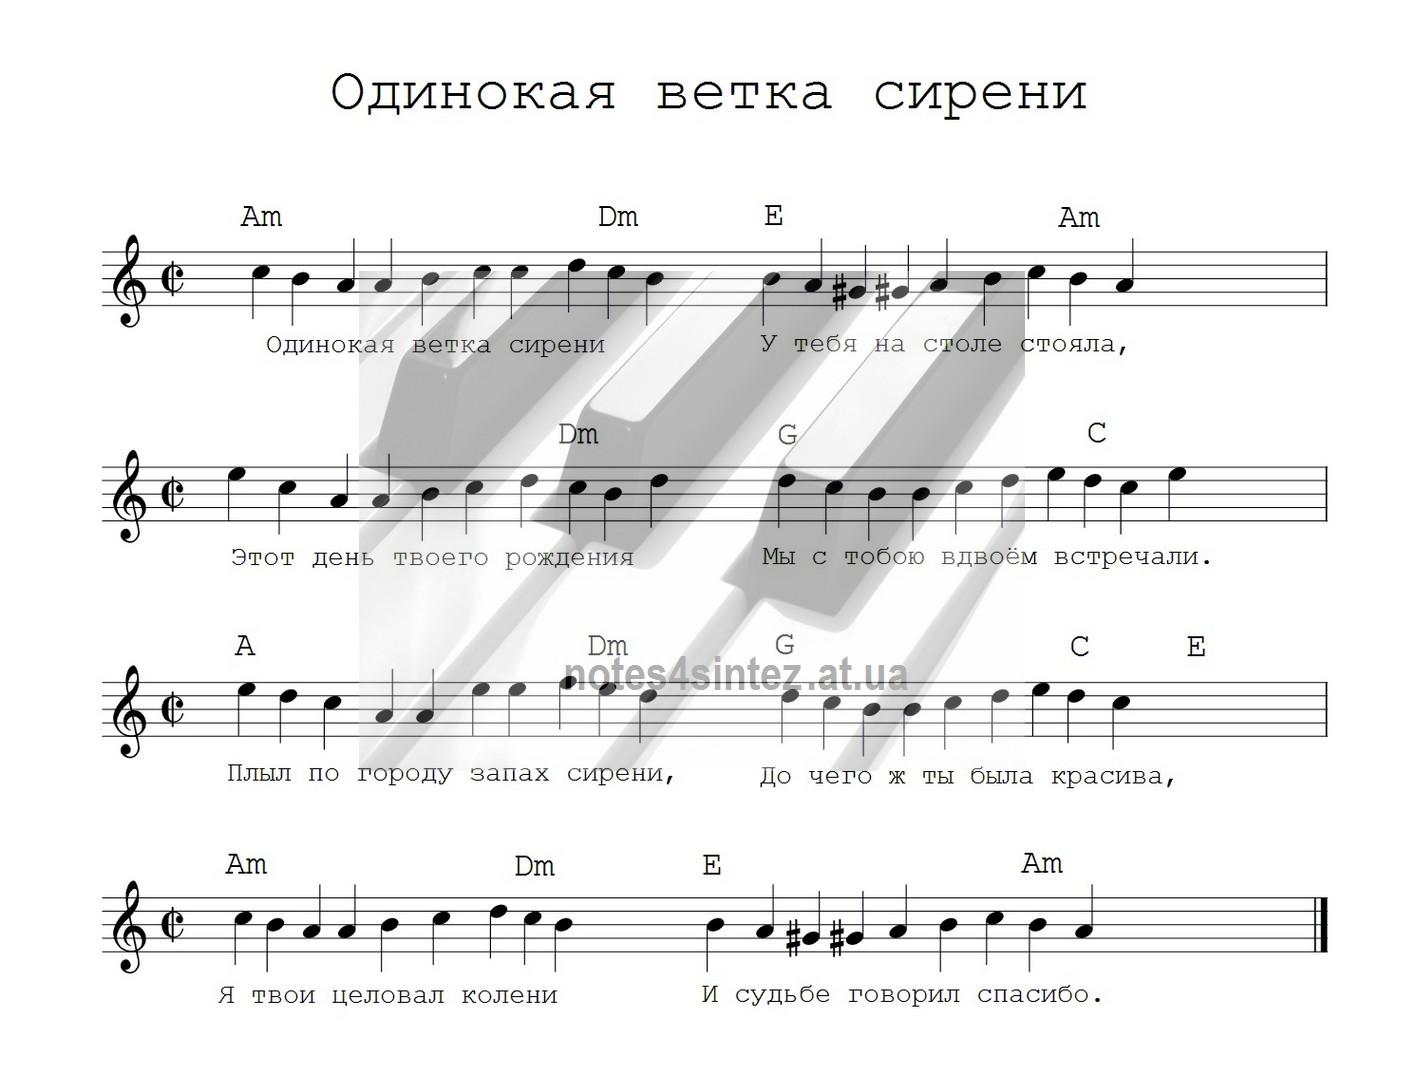 Песня одинокая ветка сирени текст песни